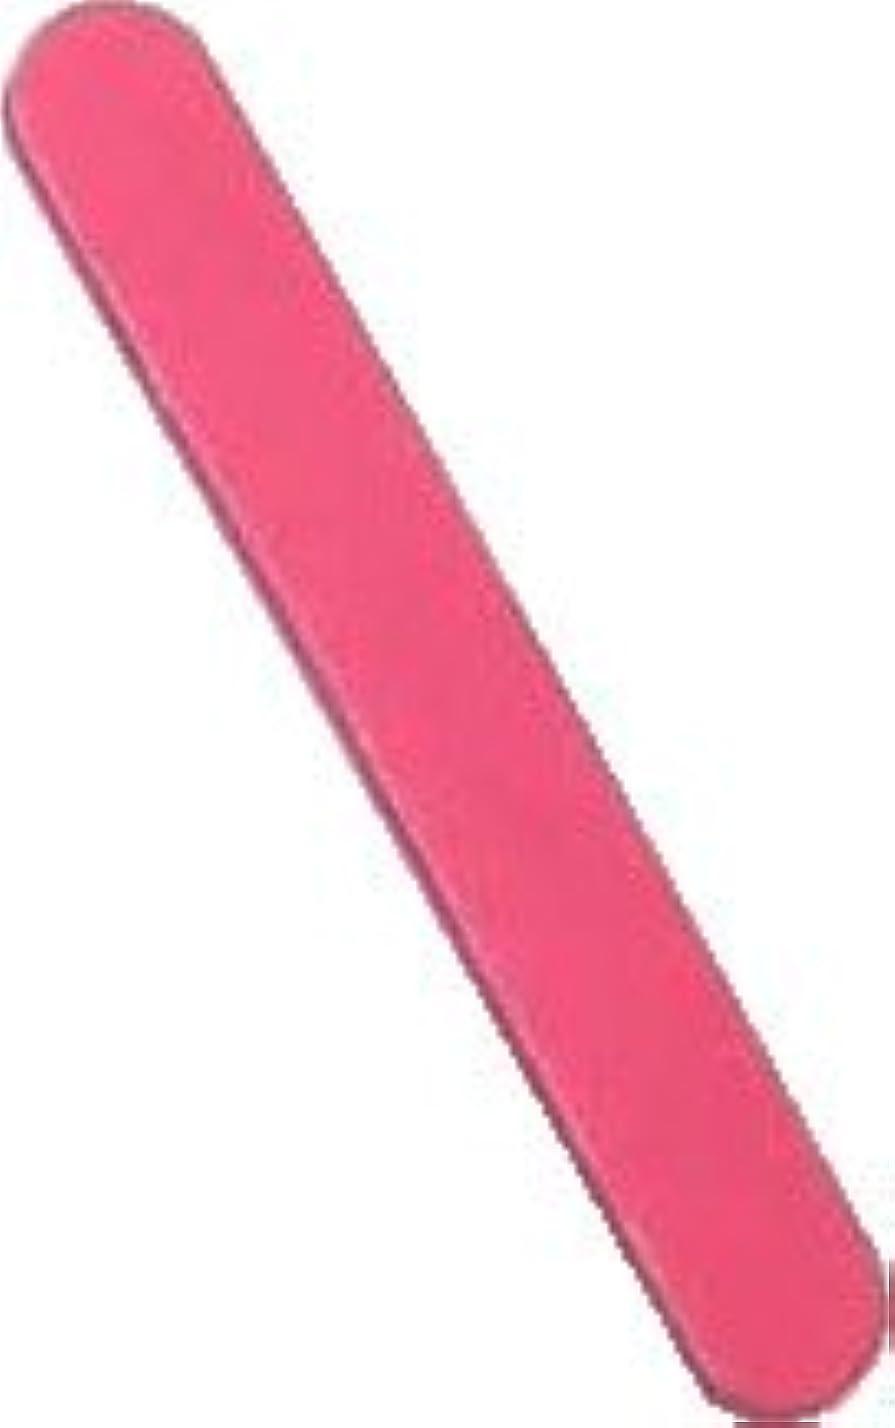 クライマックス幻滅公式ミニ ファイル ピンク